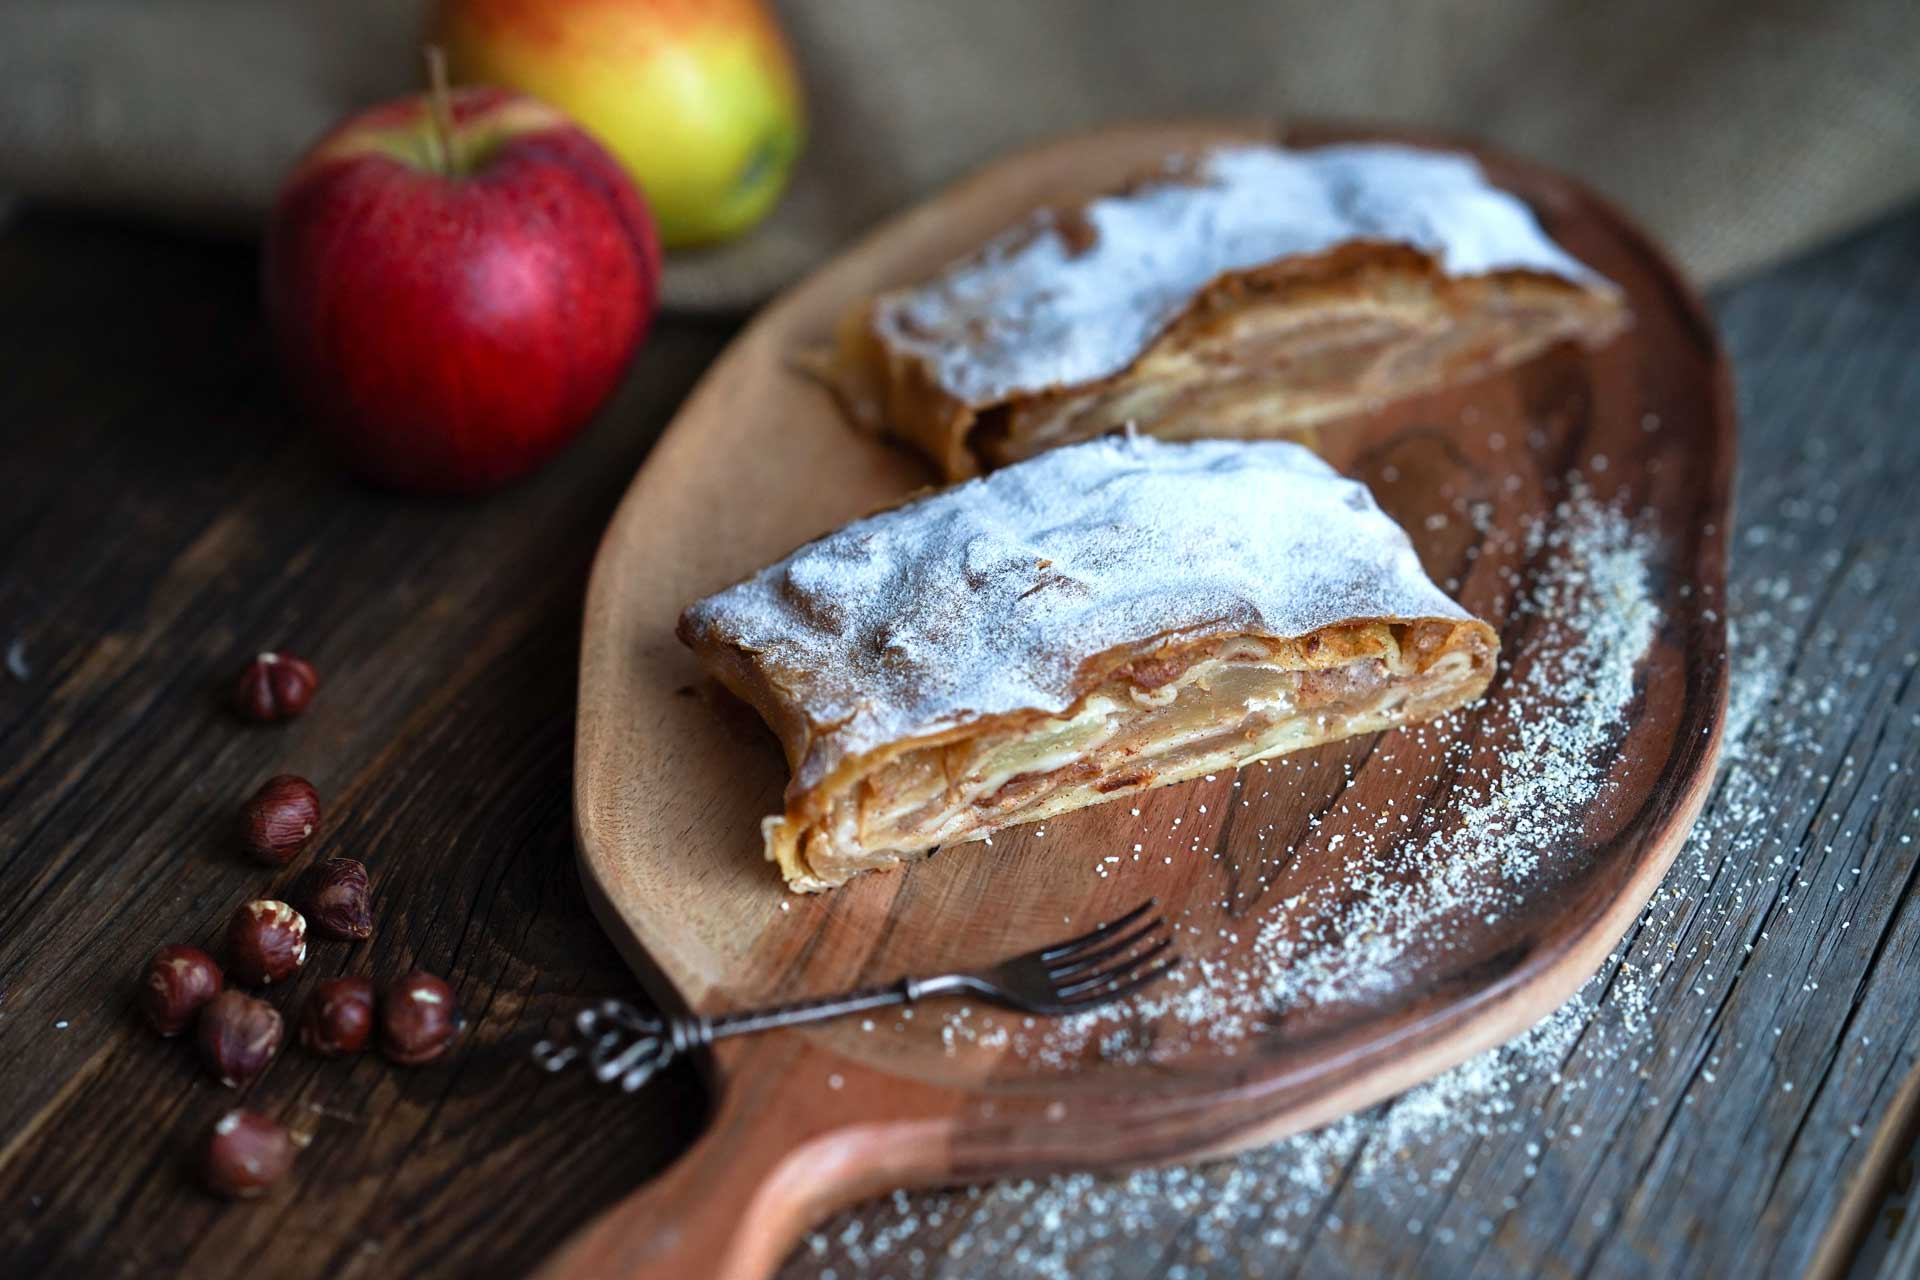 Apfelstrudel aufgeschnitten, frische Nüsse und Äpfel